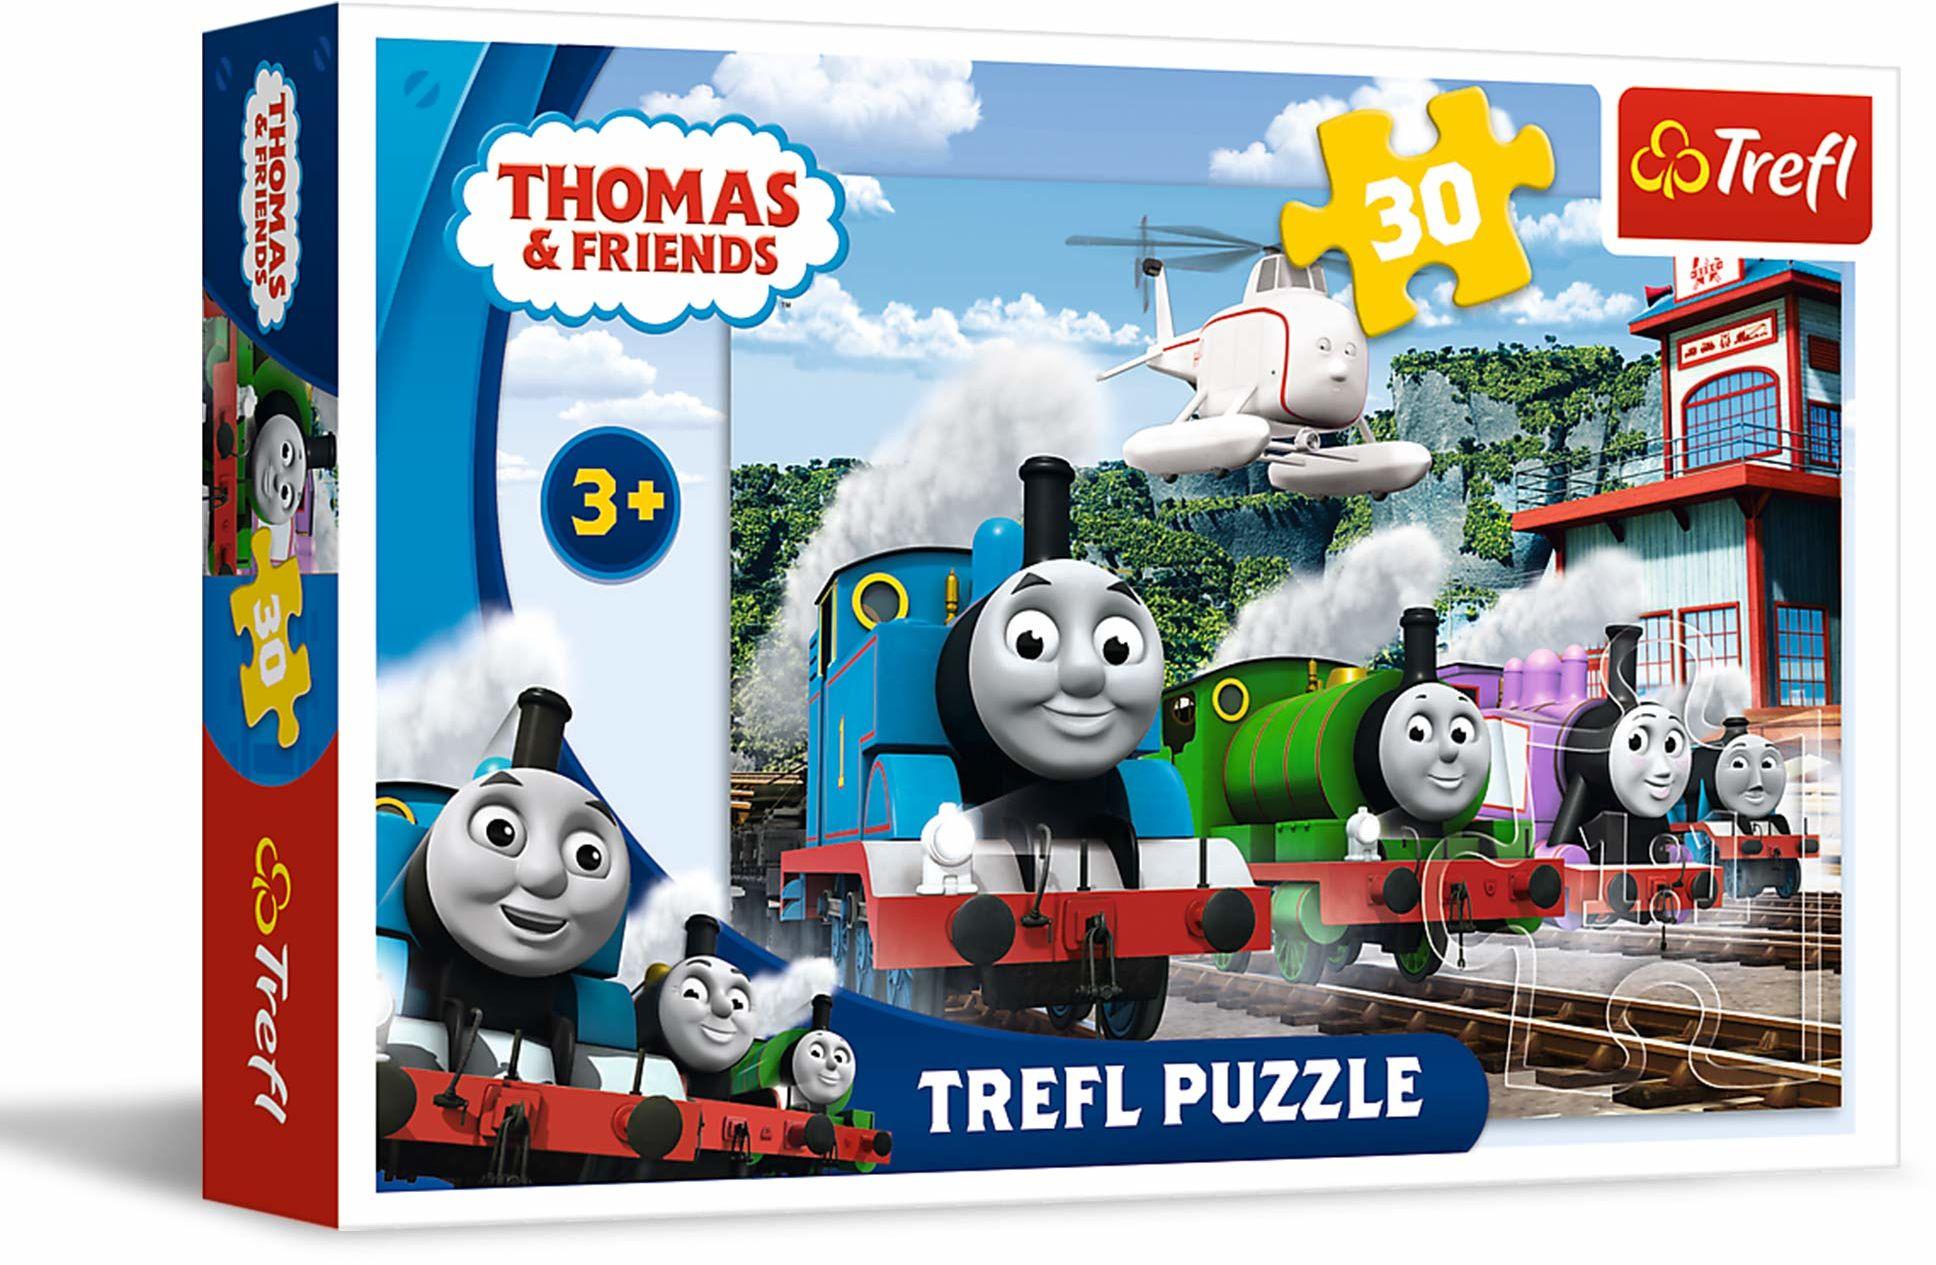 Trefl Wyścig na Torach Puzzle 30 Elementów Thomas & Friends o Wysokiej Jakości Nadruku dla Dzieci od 3 lat